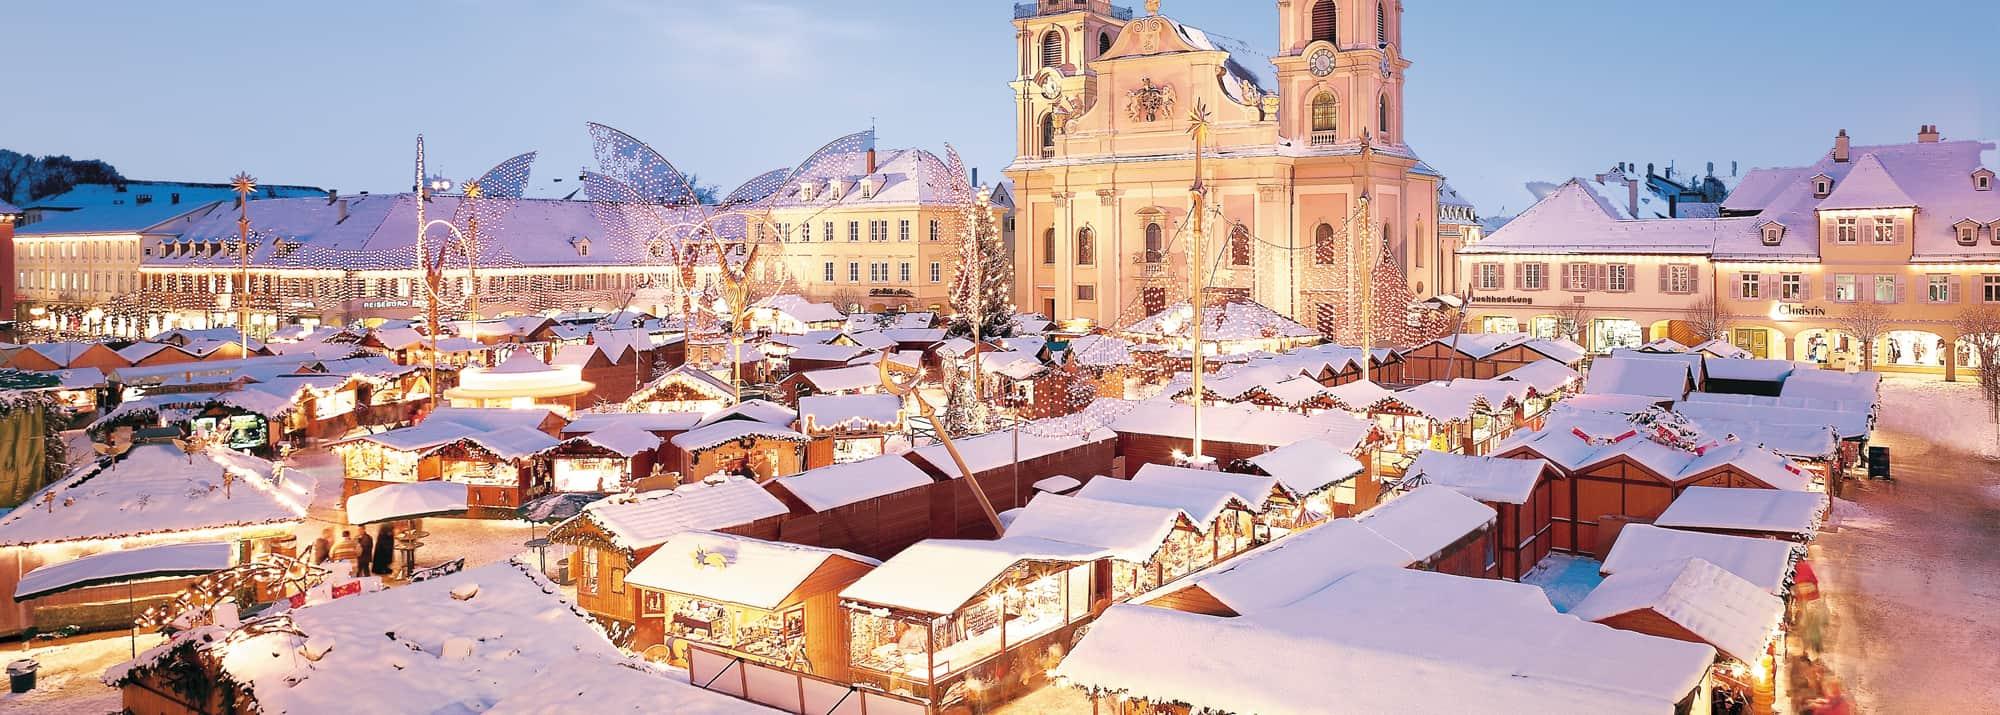 German Christmas Market.German Christmas Markets Daystretcher Trips In Aachen Nst